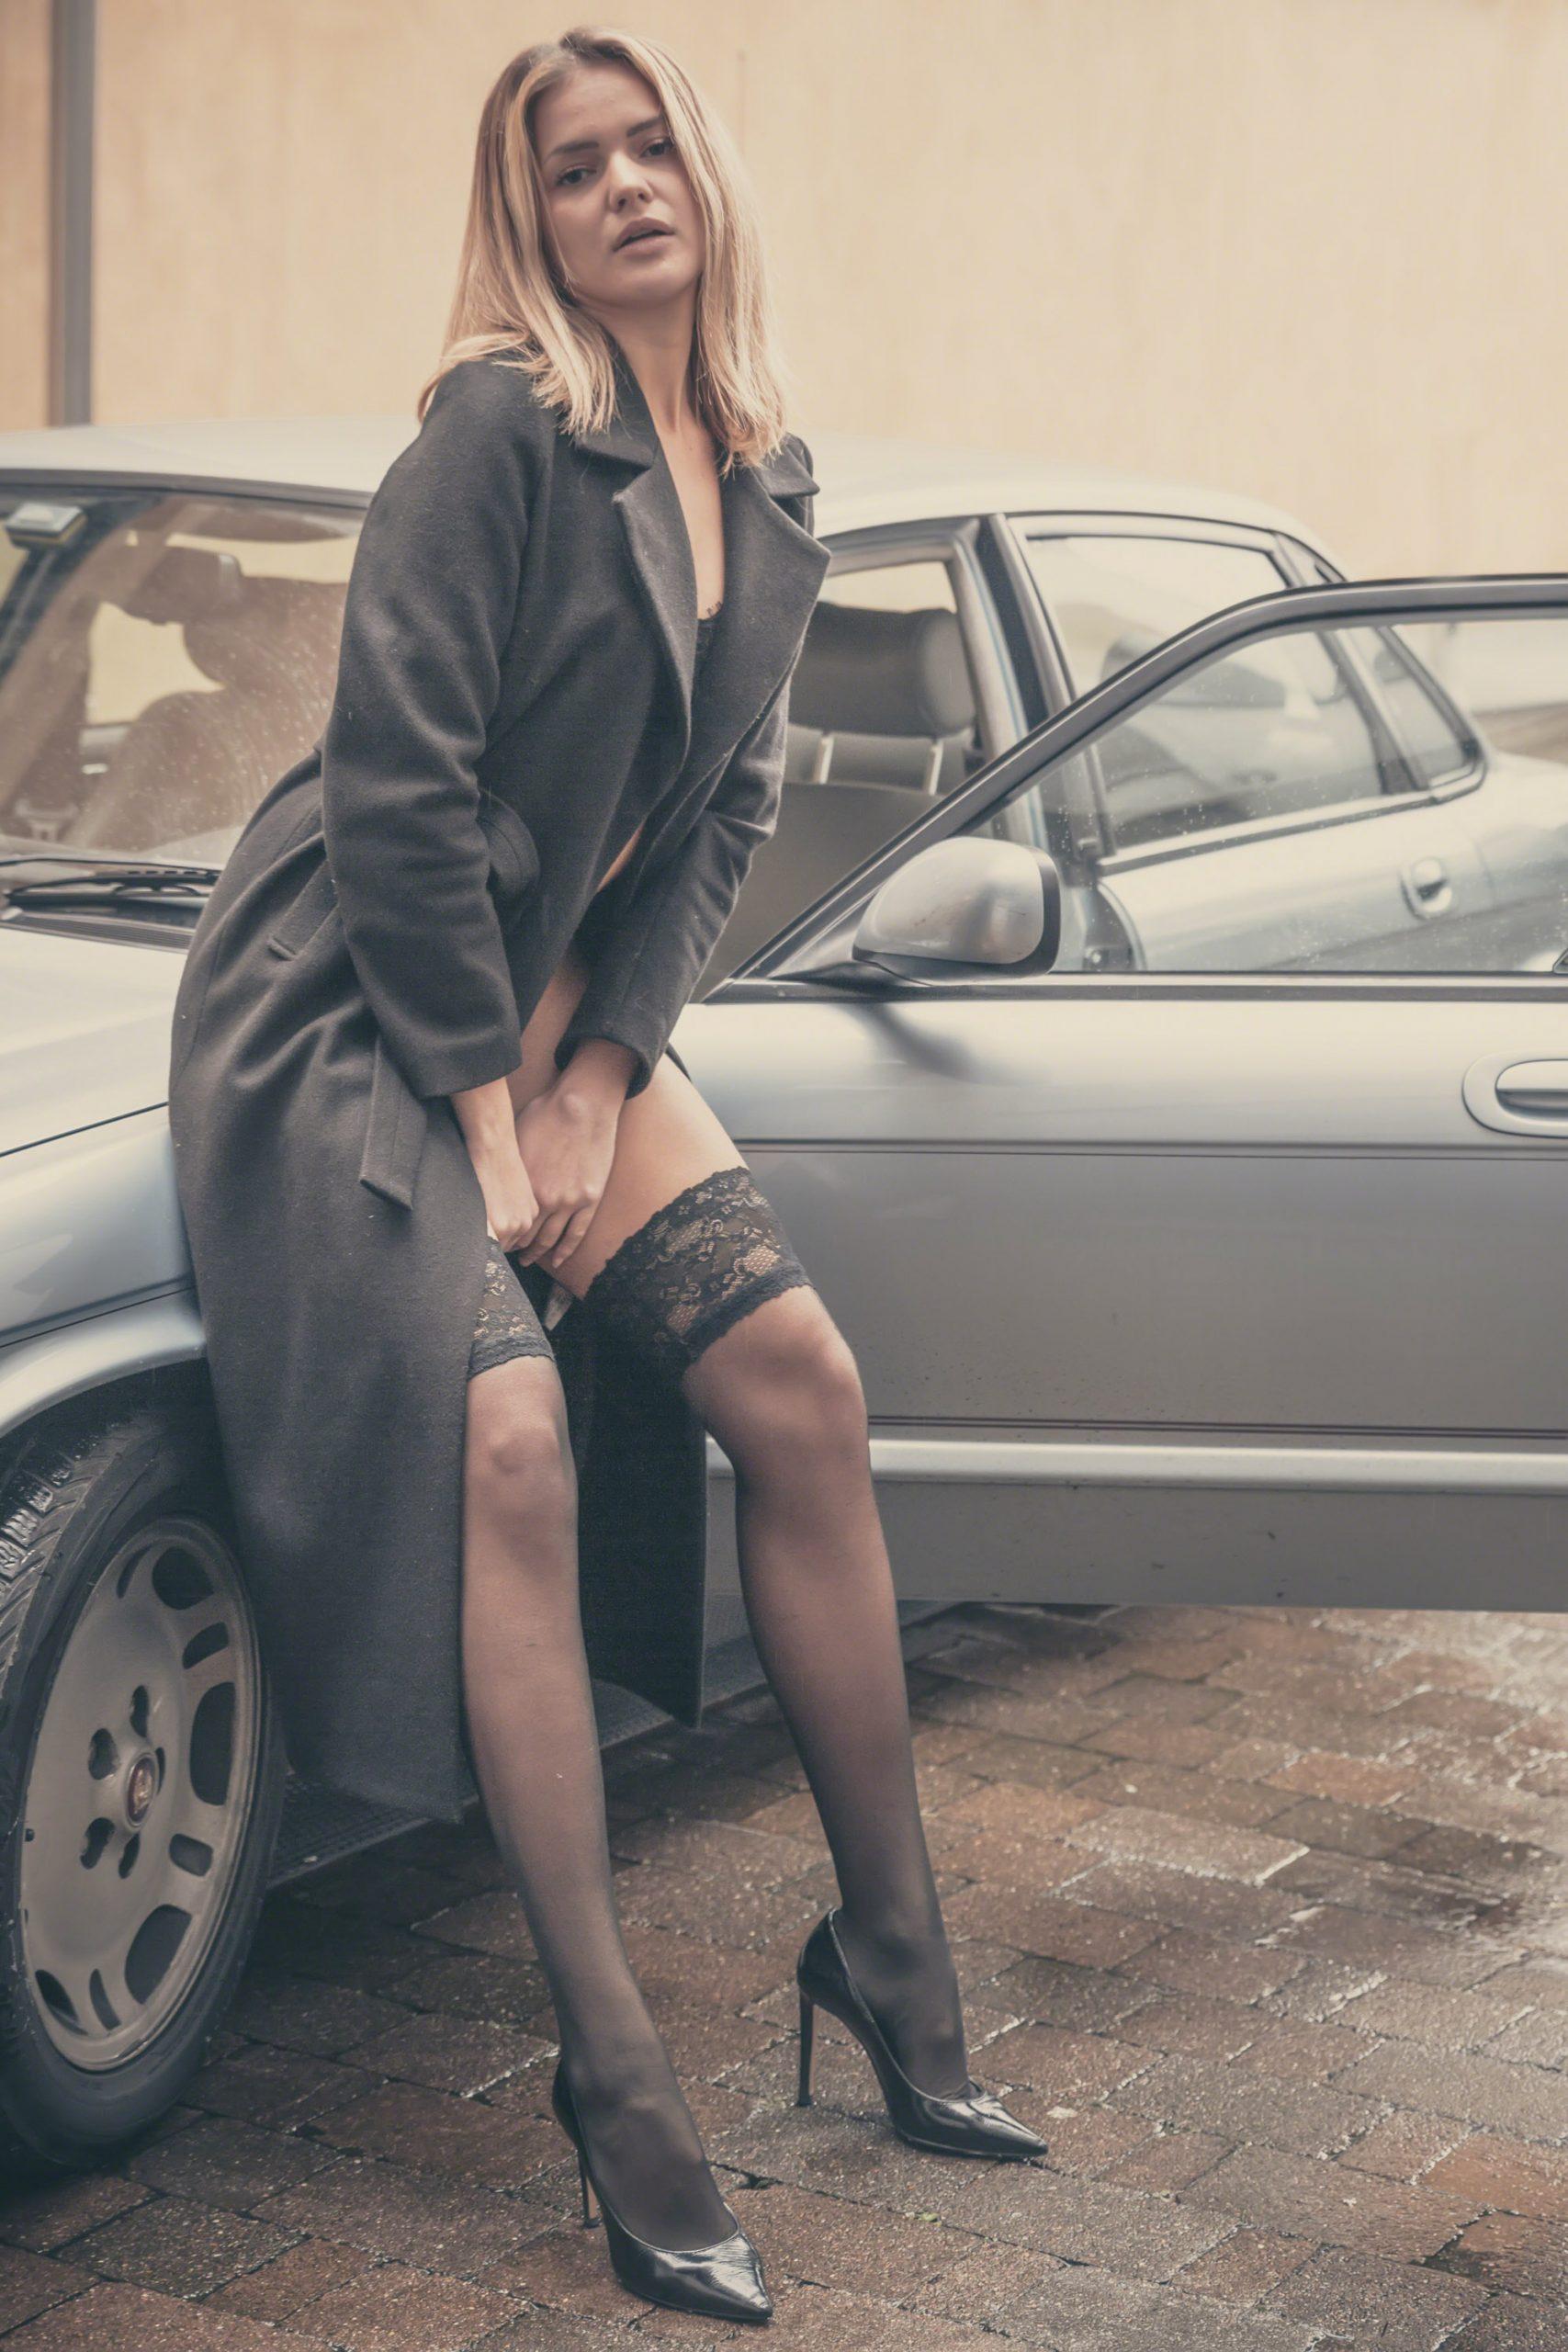 Categorie: Fashion, Glamour, Portrait - Photographer: GIOVANNI COGLIATI (JCPhoto) - Model: SUSANNA FUSARI - Location: Via Privata Repubblica di San Marino, 1, 20157 Milano, MI, Italia